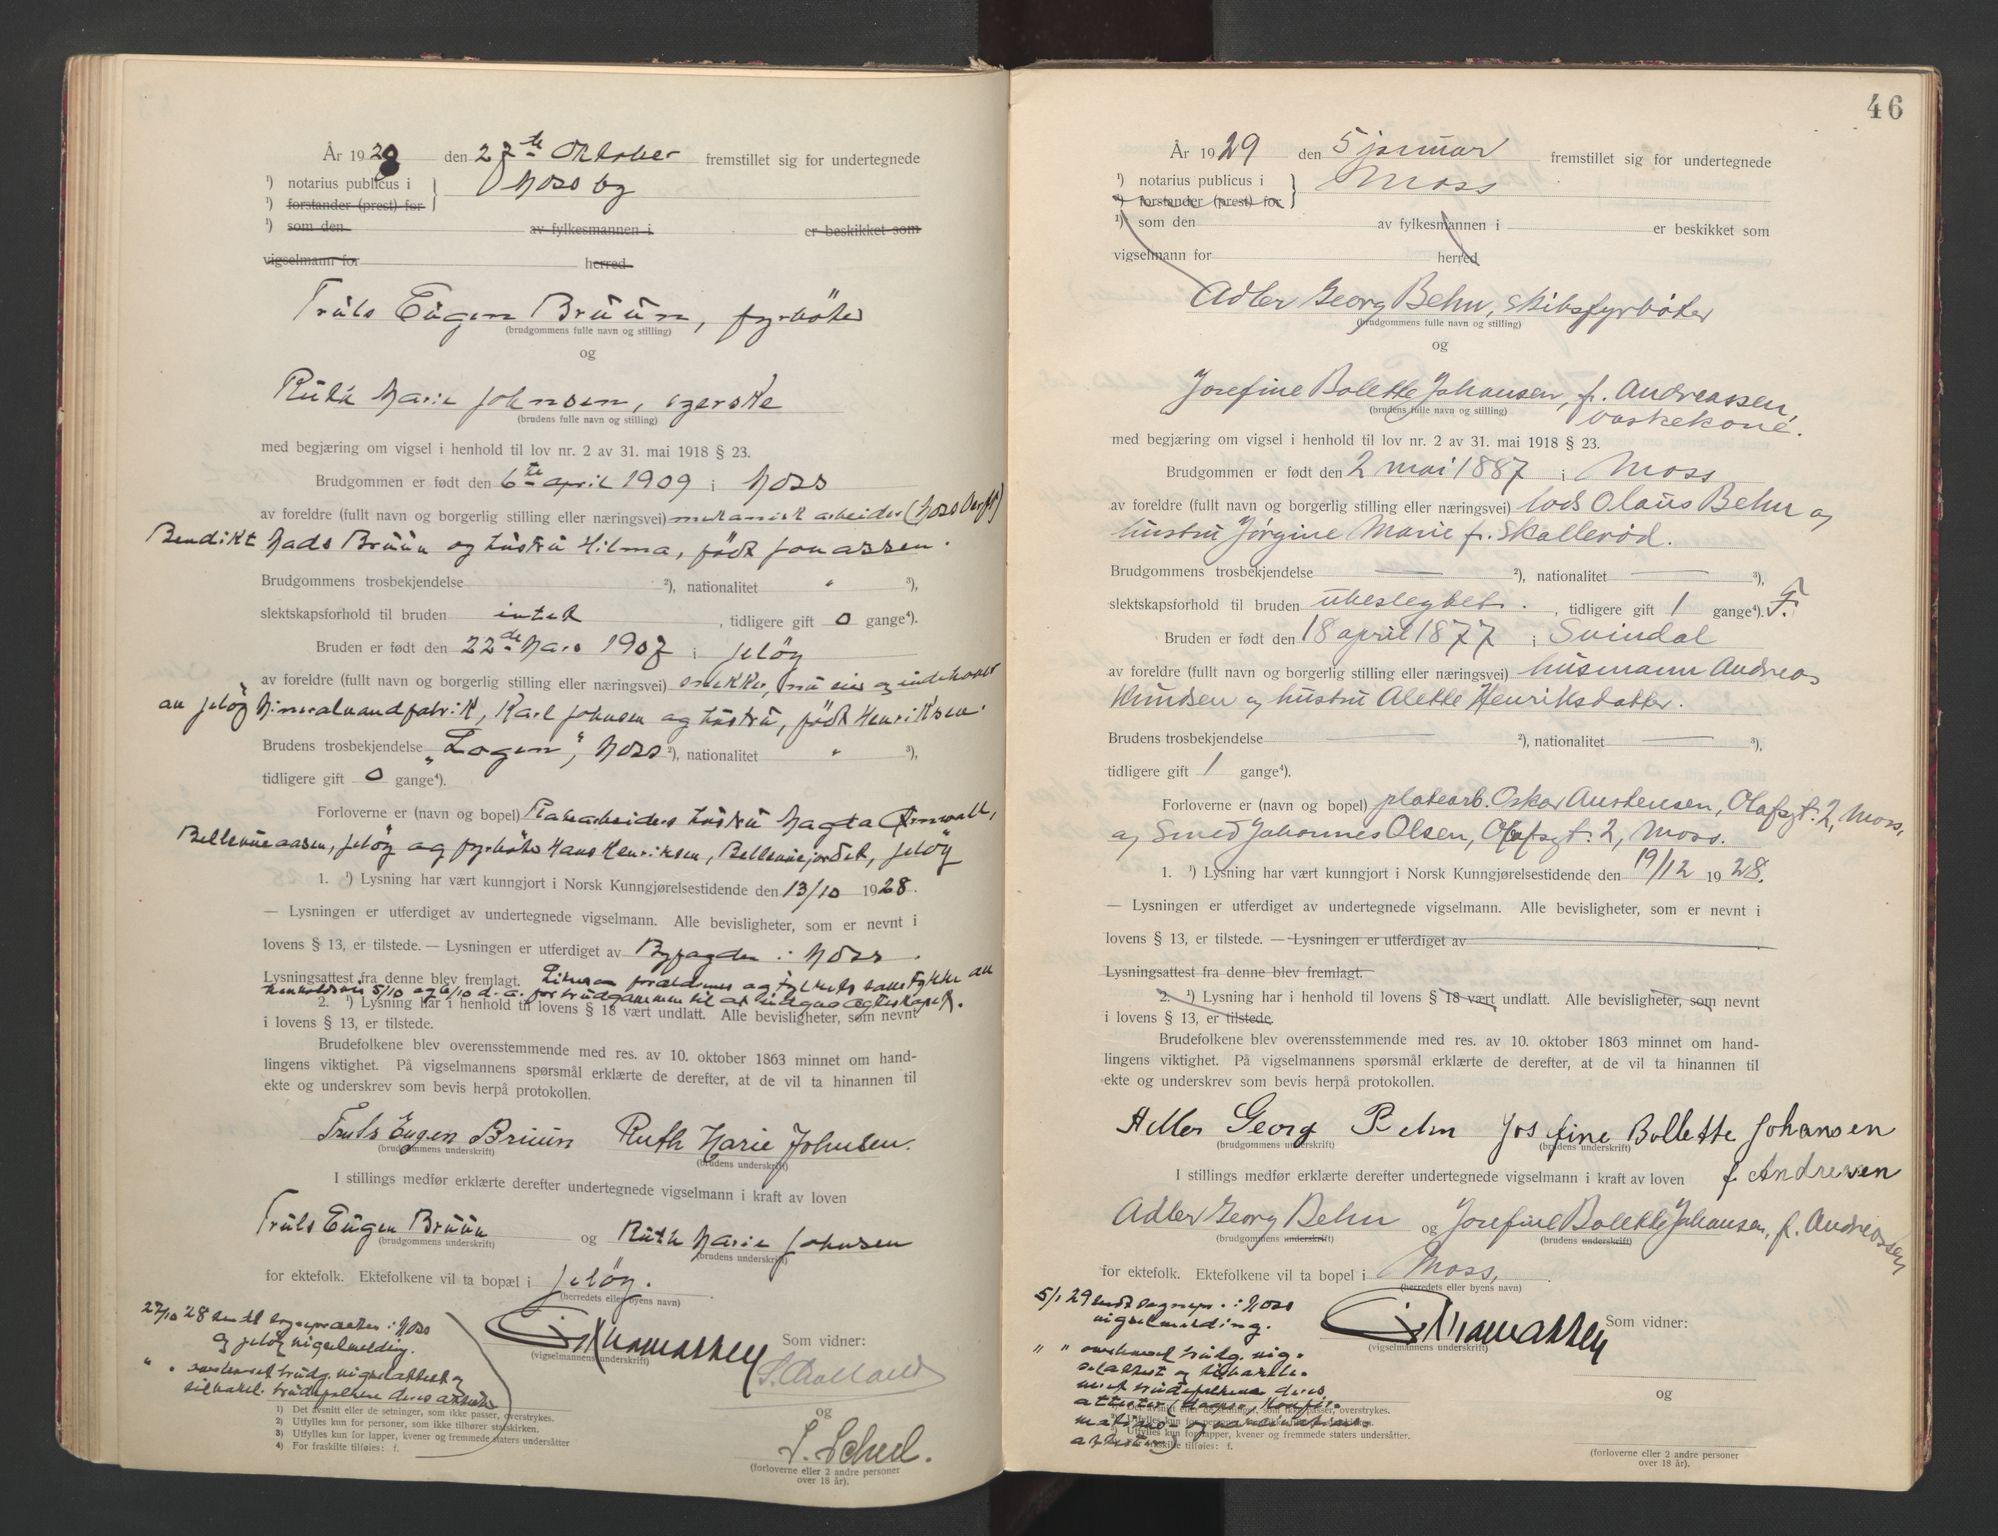 SAO, Moss byfogd, L/Lb/L0003: Vigselsbok, 1920-1932, s. 46